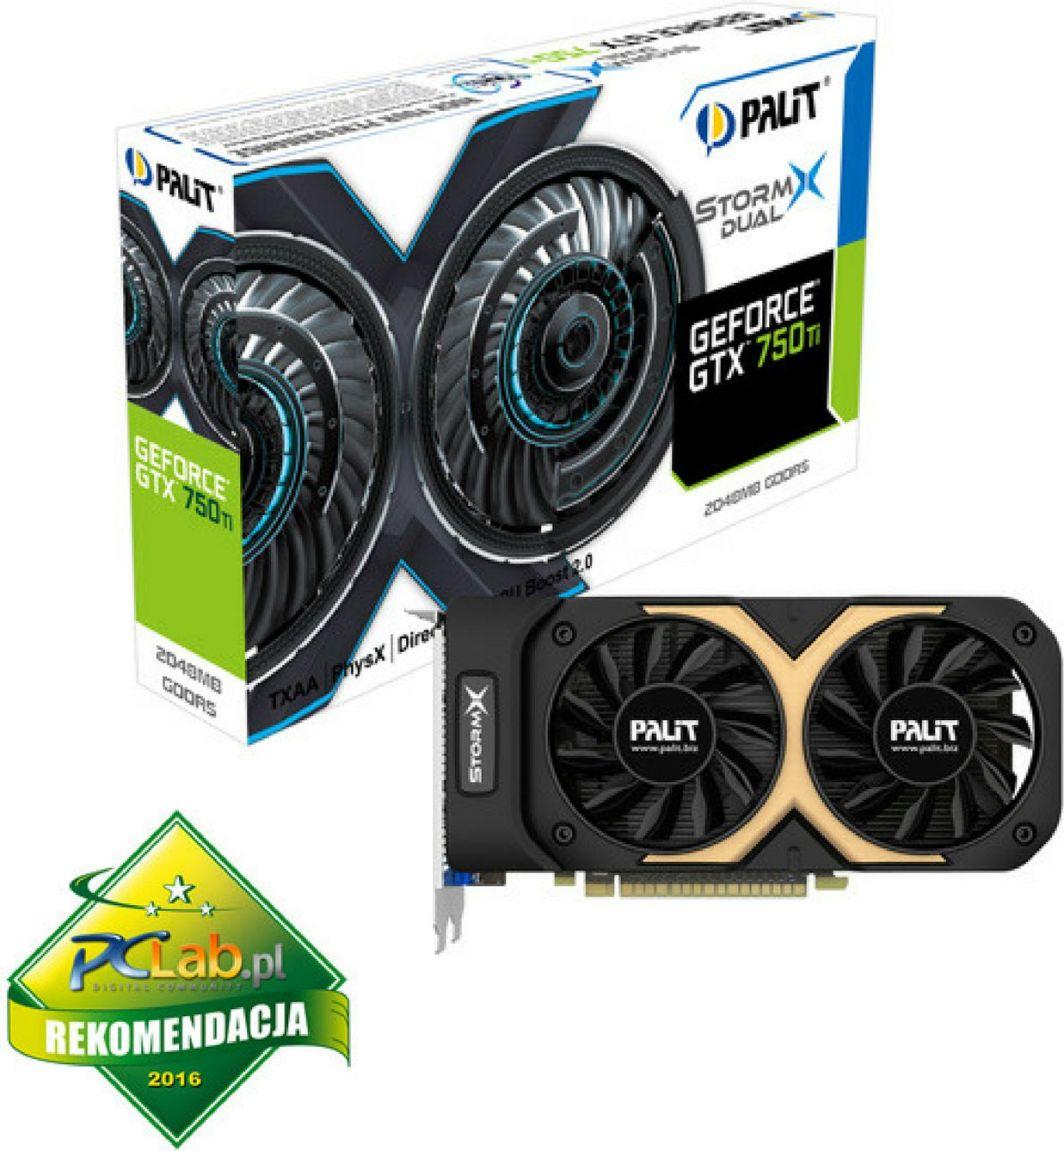 Karta graficzna Palit GeForce GTX 750Ti 2GB DDR5 (128 bit) VGA, DVI, mHDMI (NE5X75TT1341F) 1